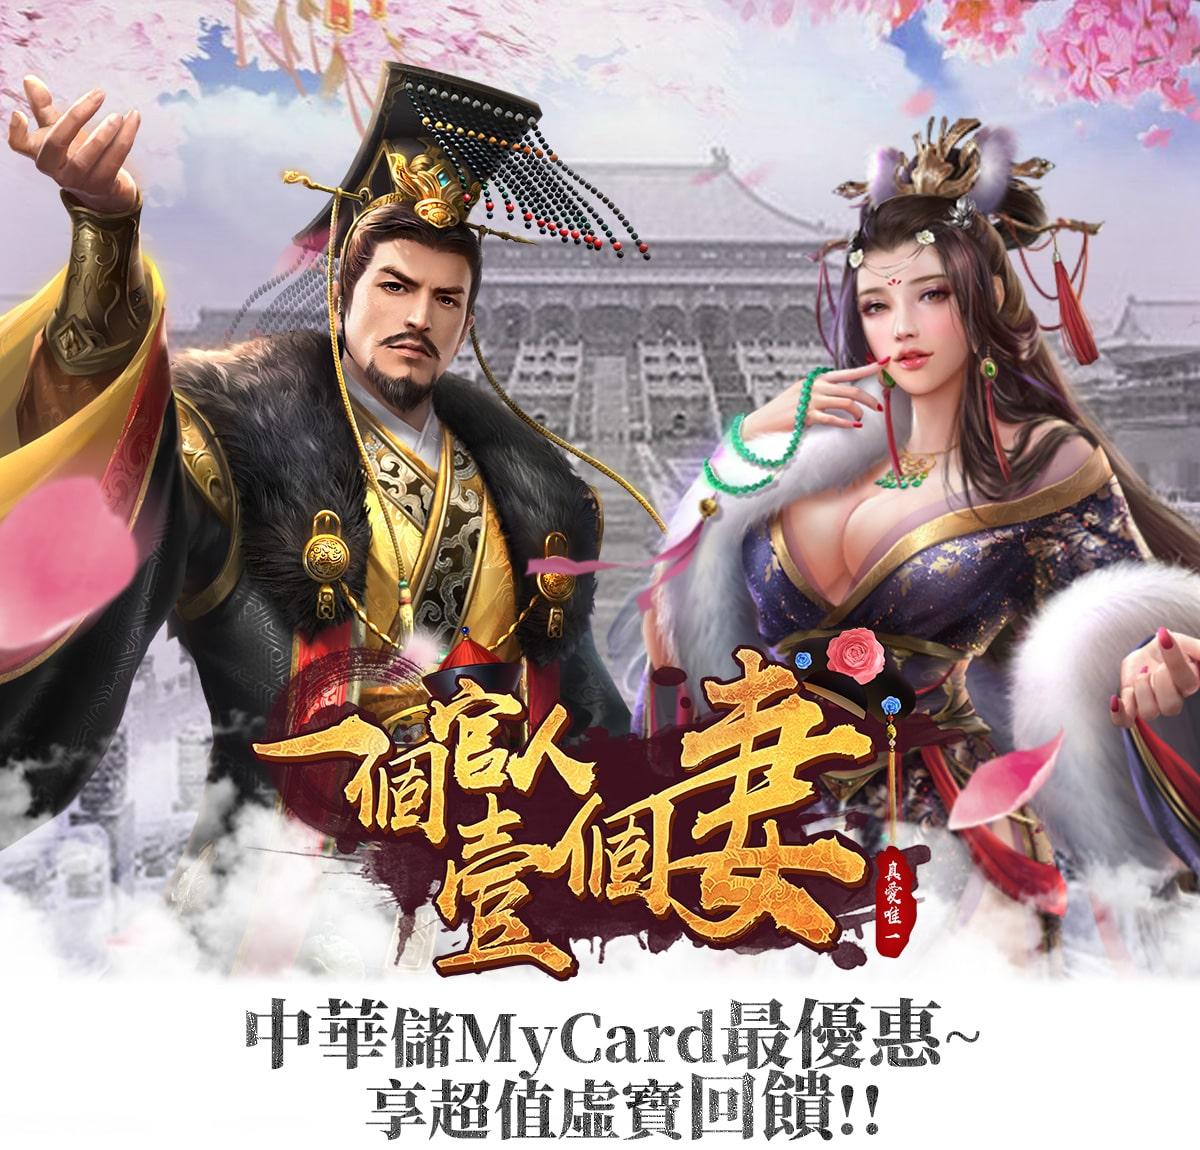 《一個官人壹個妻》中華儲MyCard最優惠~享超值虛寶回饋  | 中華電信